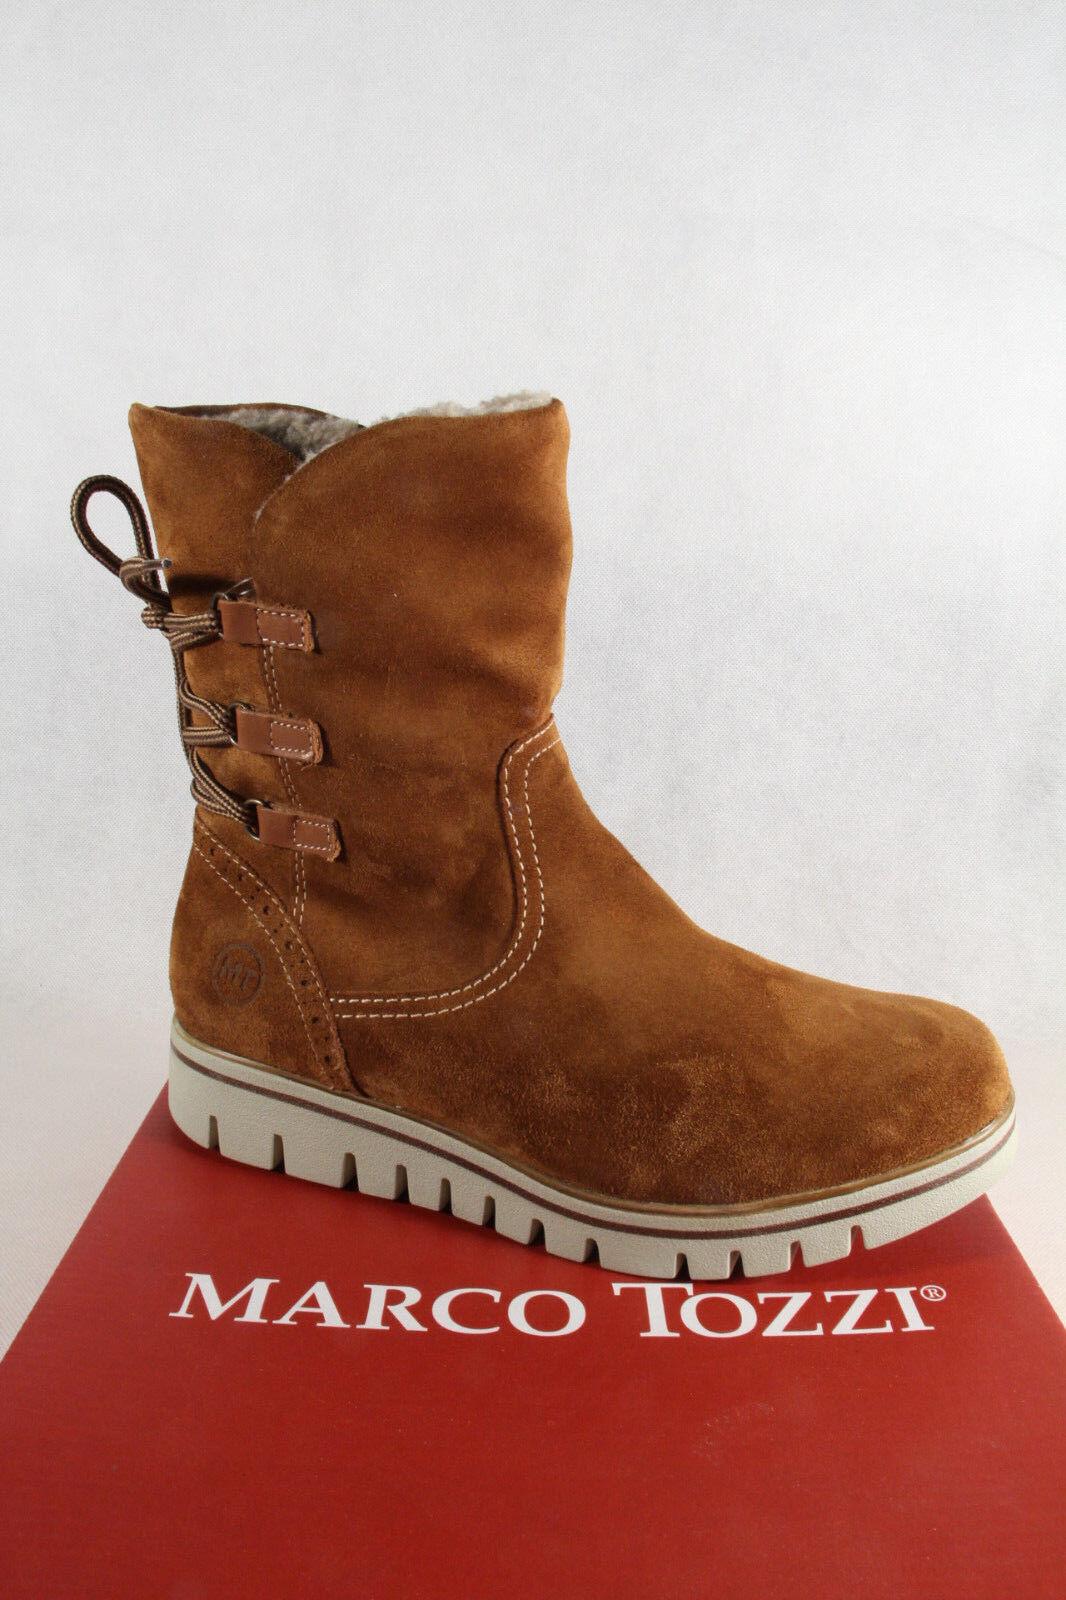 Marco Tozzi Stiefel, Stiefelette, braun, leicht gefüttert, 26804 Echtleder NEU